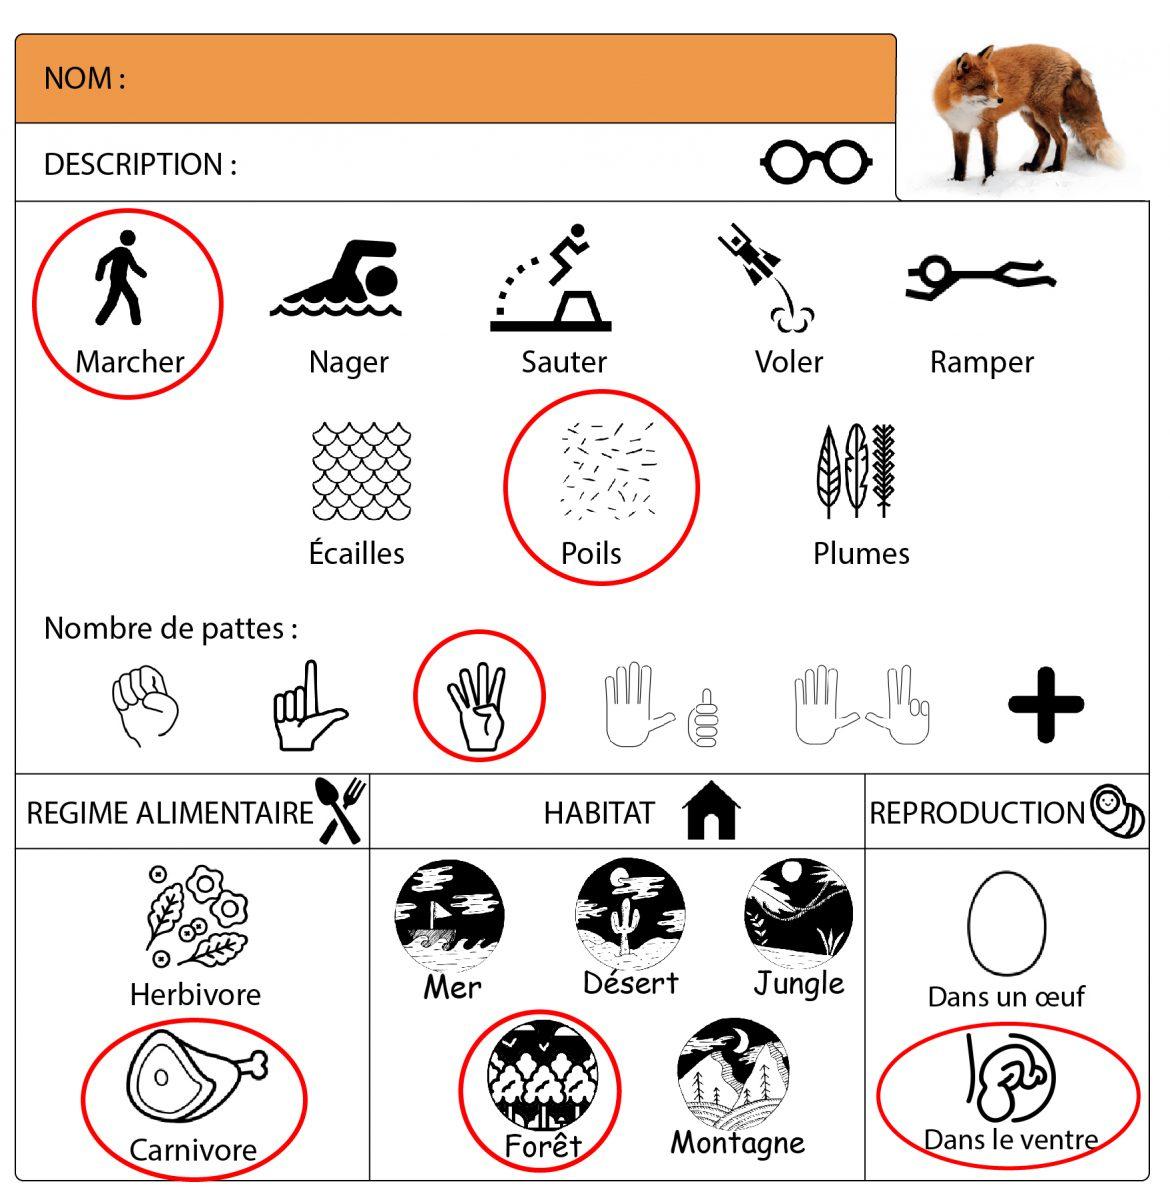 Le Renard Roux : Fiche Pédagogique Cycle 1, Petite pour Fiche Pédagogique Les 5 Sens